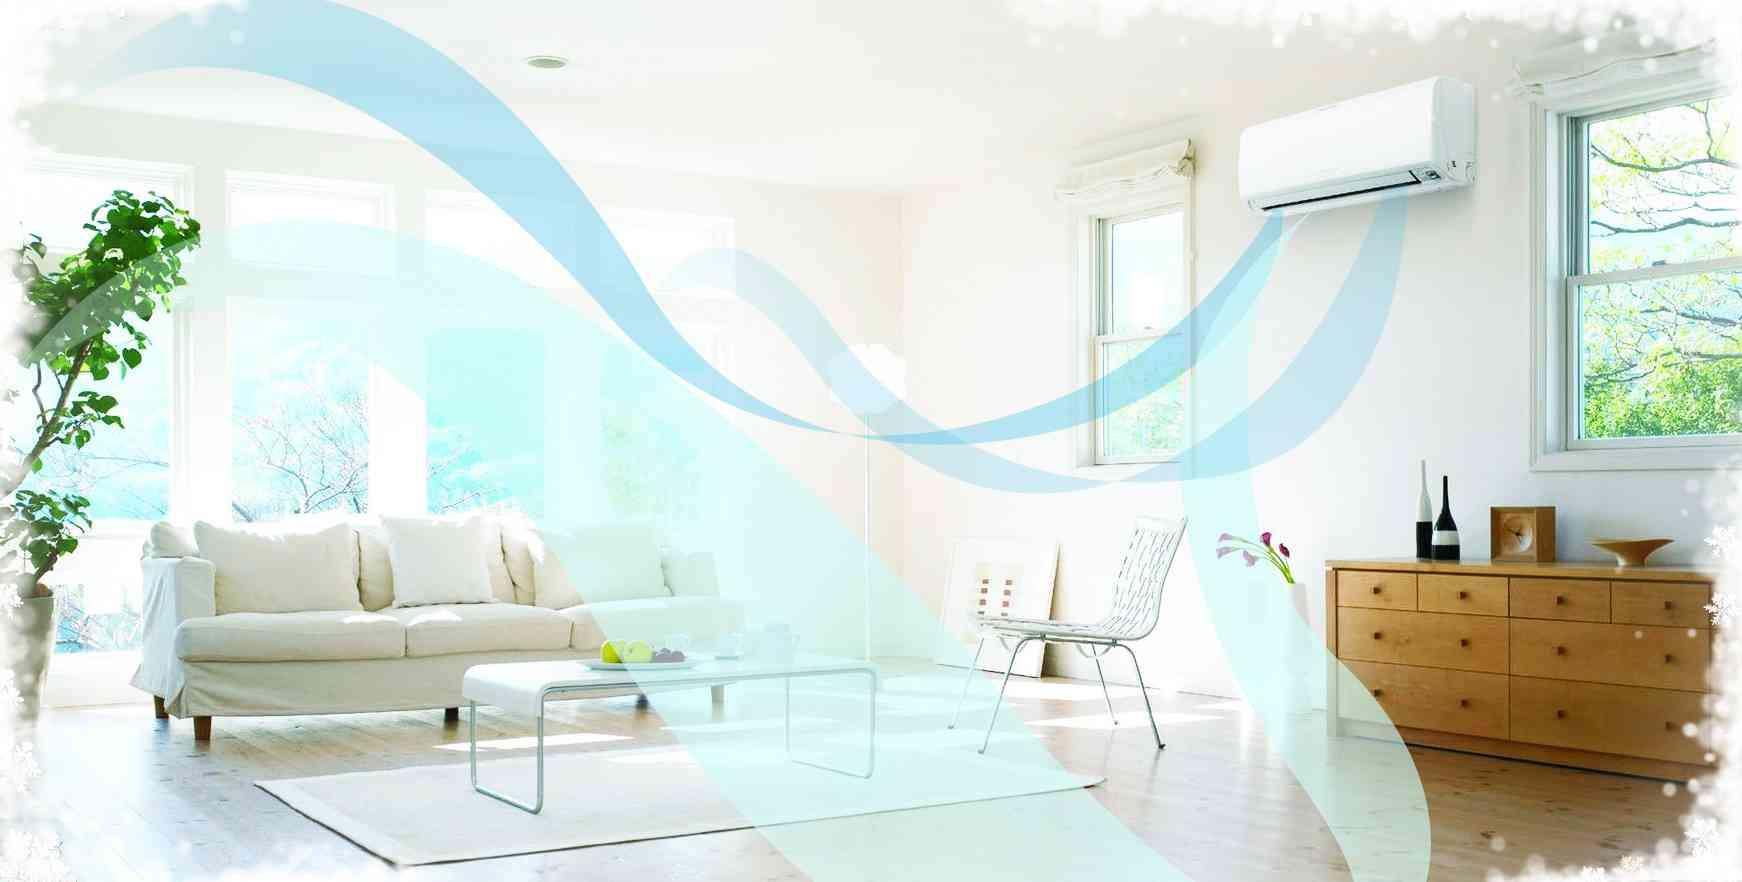 aparato de aire acondicionado renovator